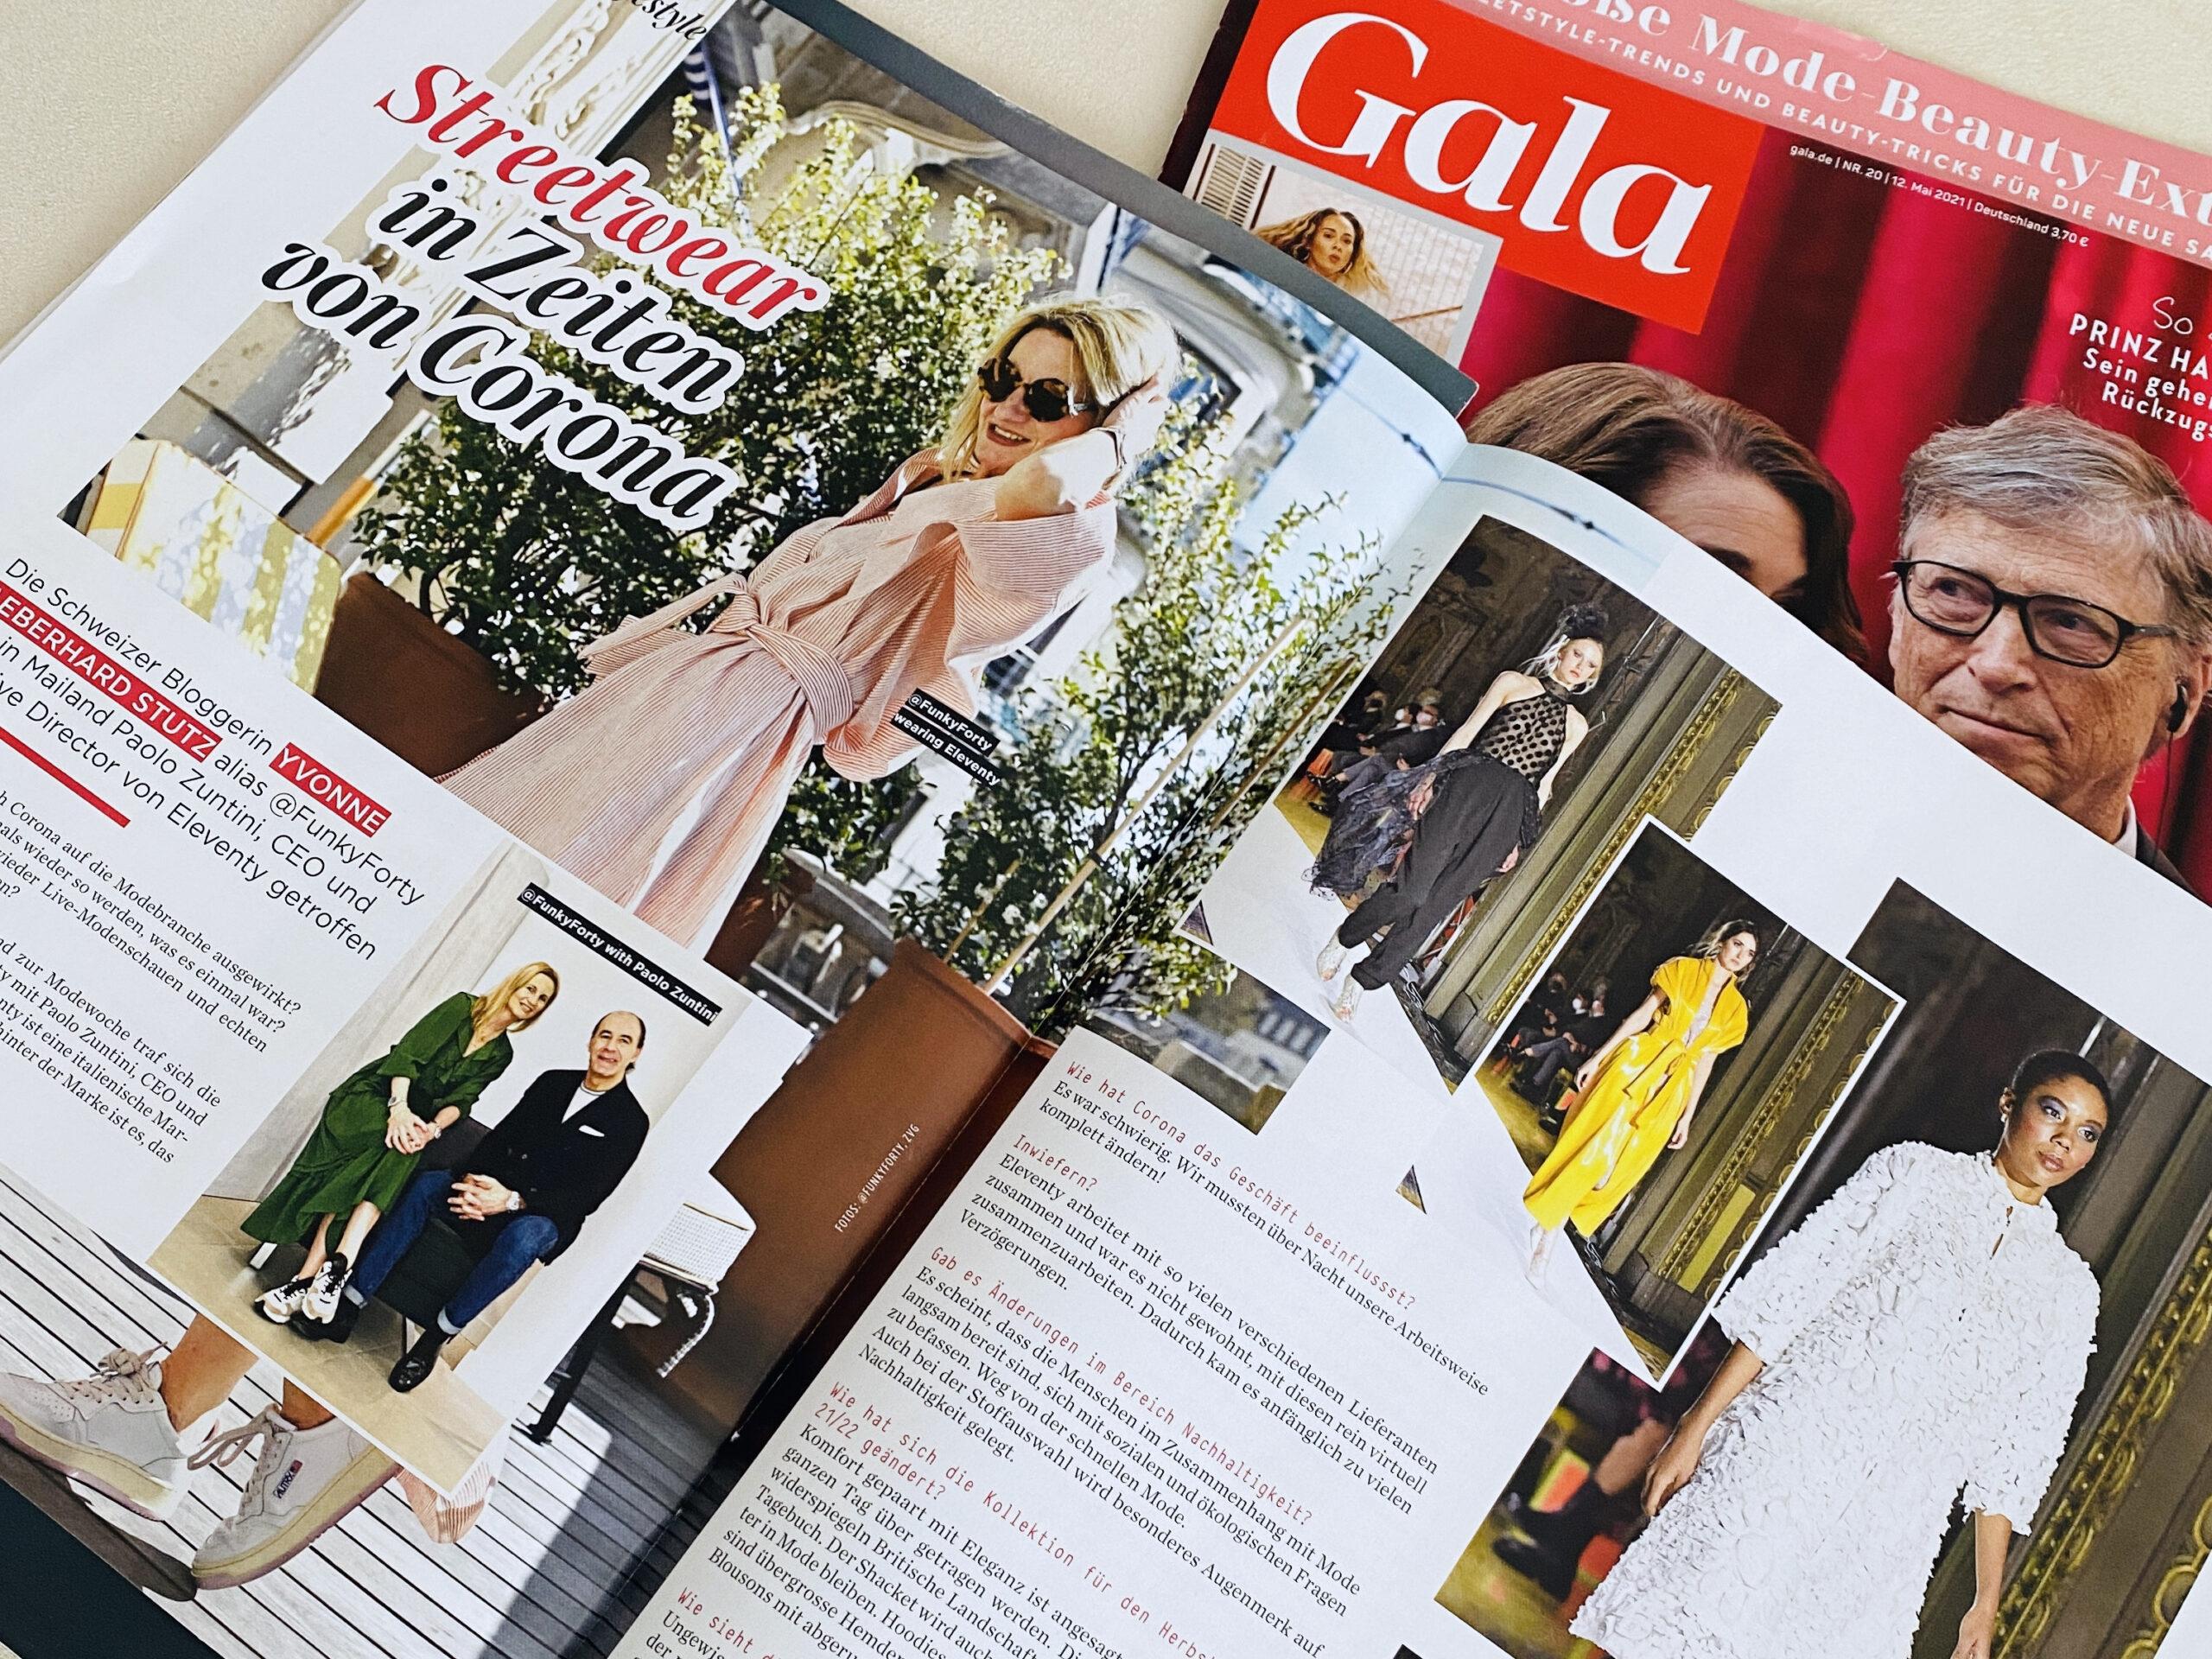 Gala Magazine - May 2021